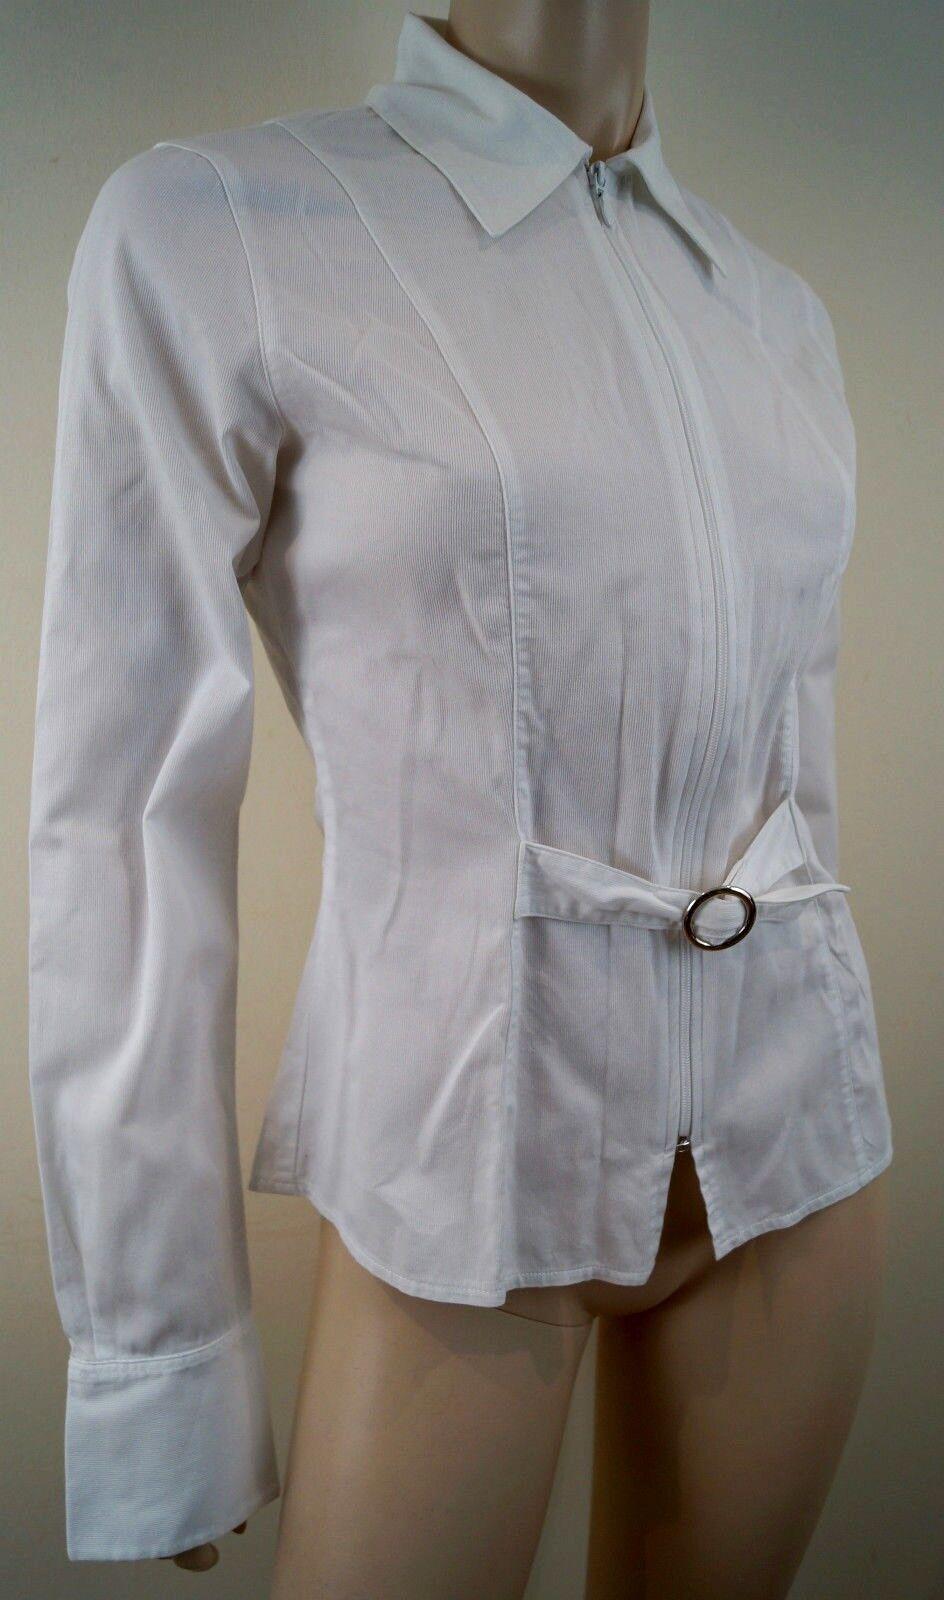 ANNE FONTAINE en Coton Weiß Silber Boucle à col à manches longues Chemisier Shirt Top 1